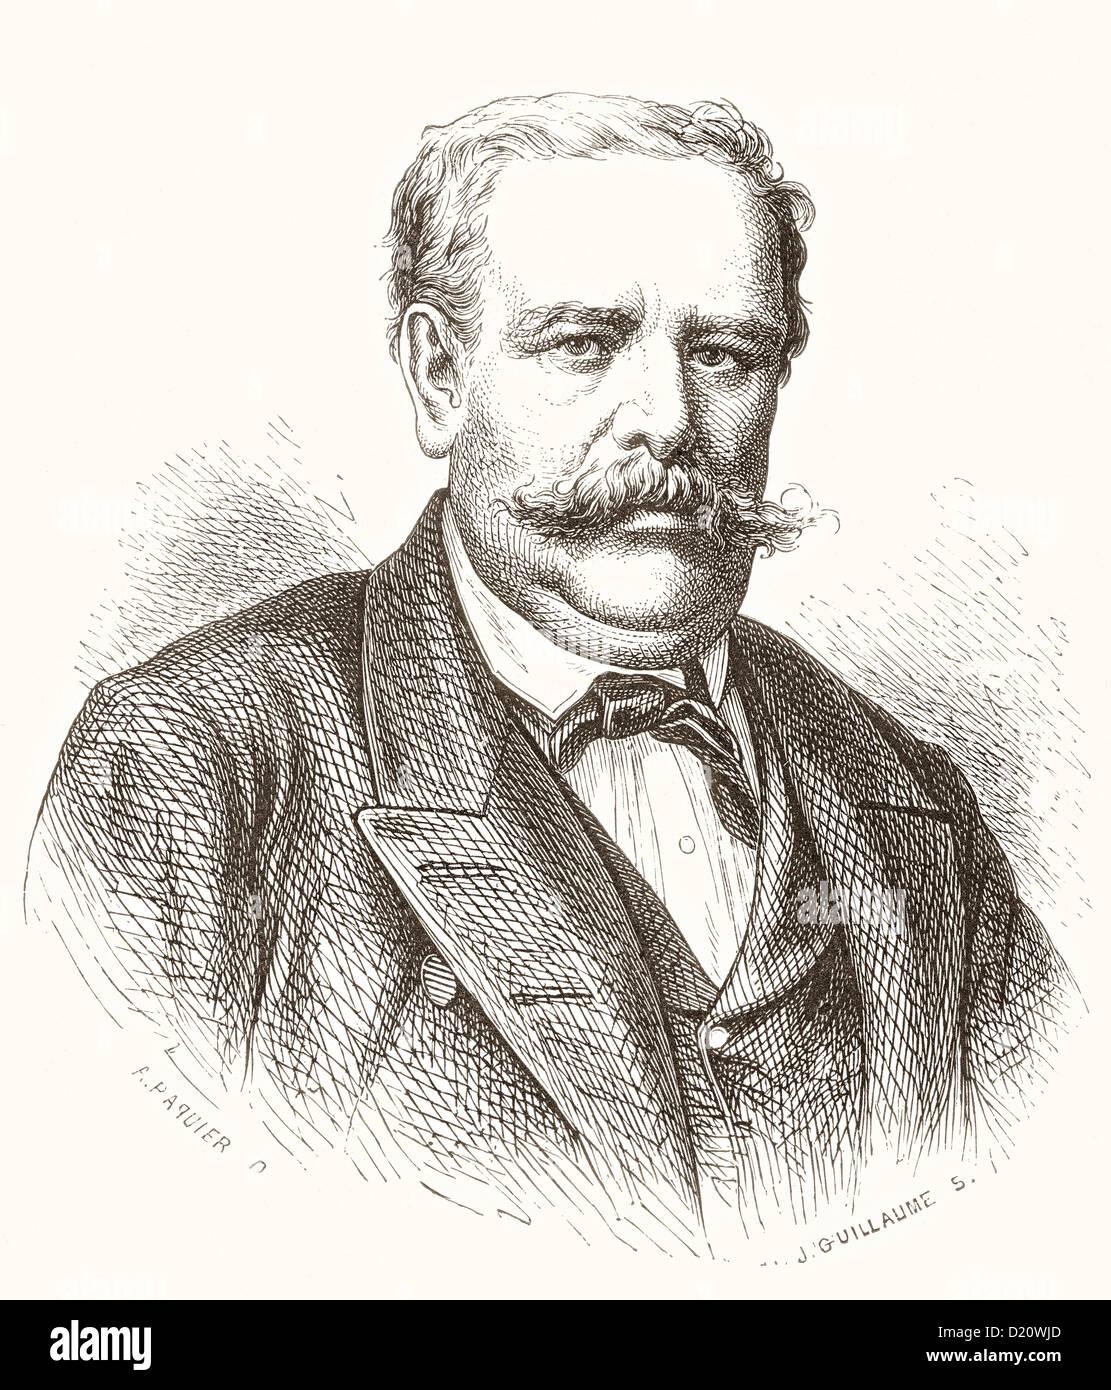 Moritz von Schwind, 1804 - 1871. Austrian artist. - Stock Image